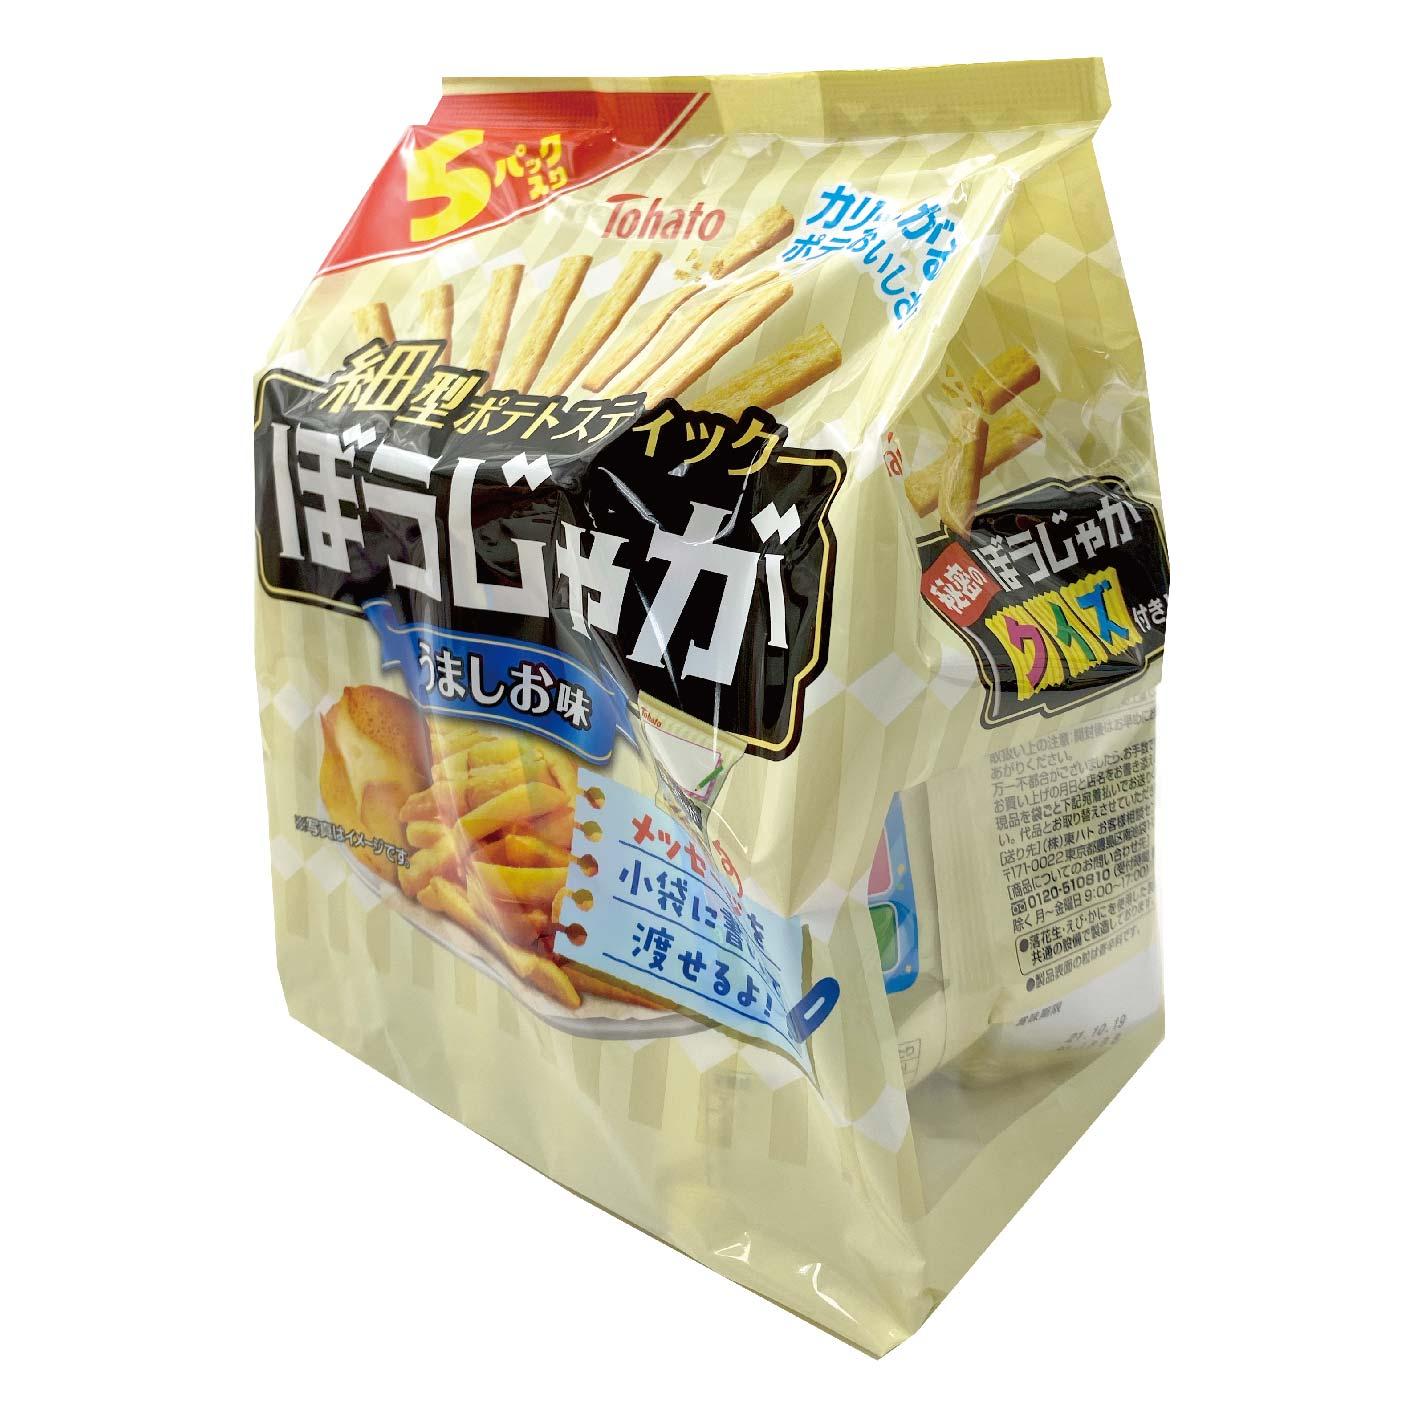 日本 東鳩 5p 鹽味 洋芋條餅85g 薯條脆餅